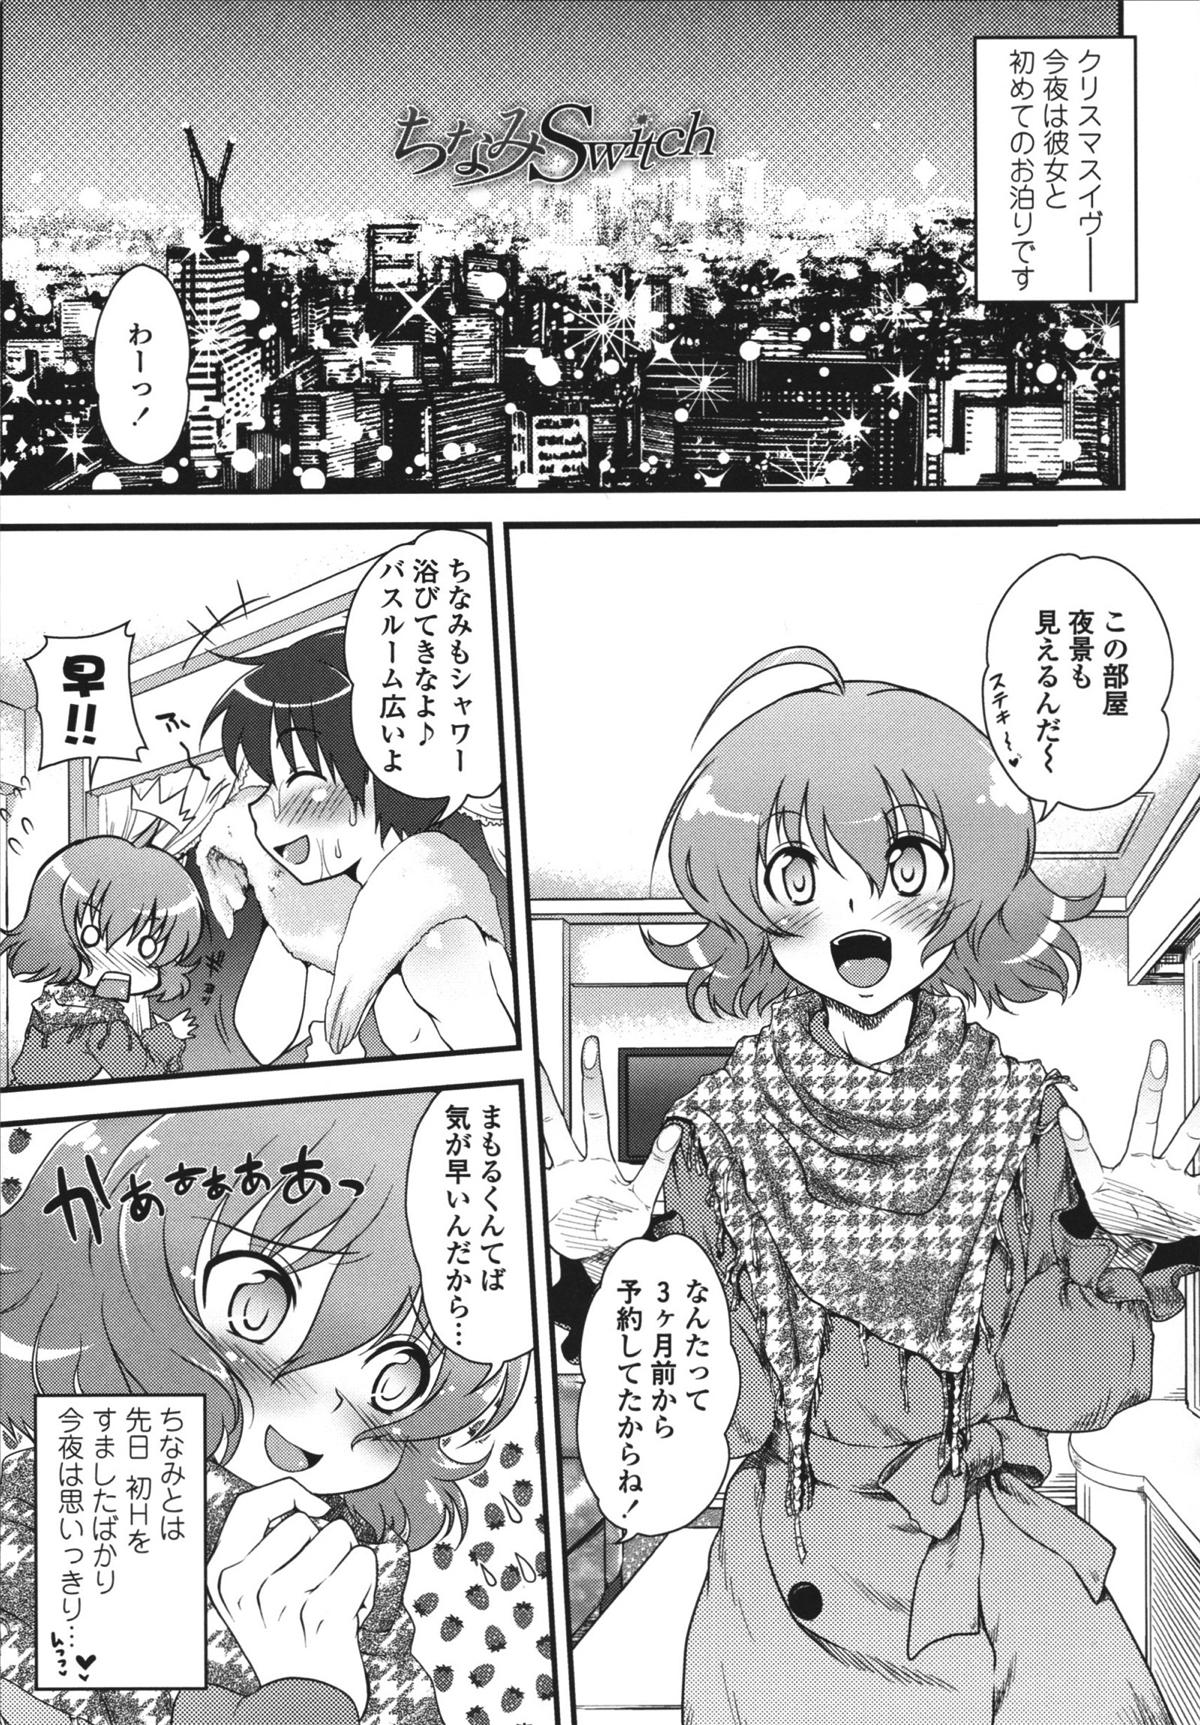 [URAN] ちなみSwitch (1)